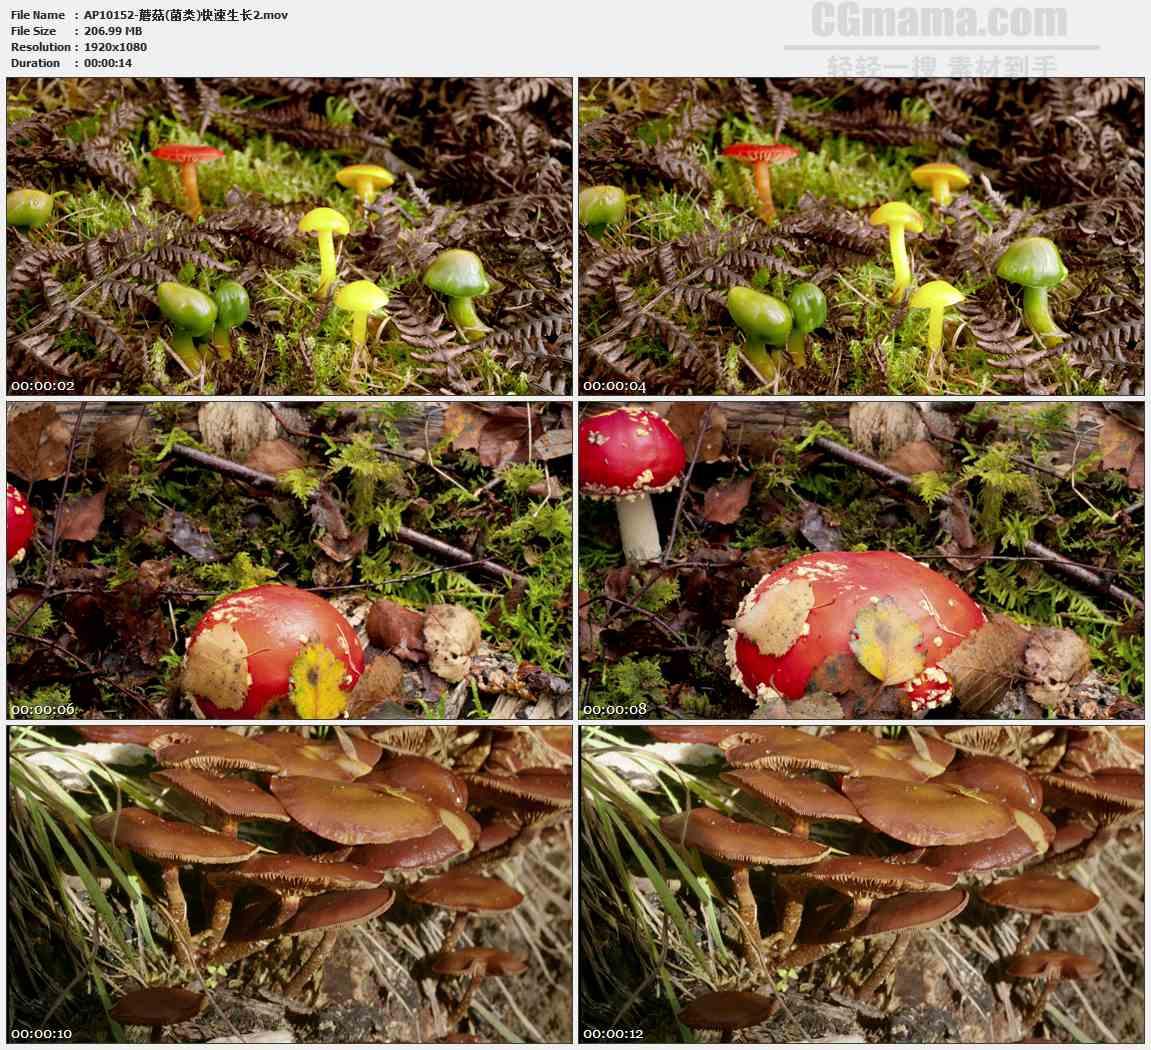 AP10152-彩色蘑菇生长发展高清实拍视频素材